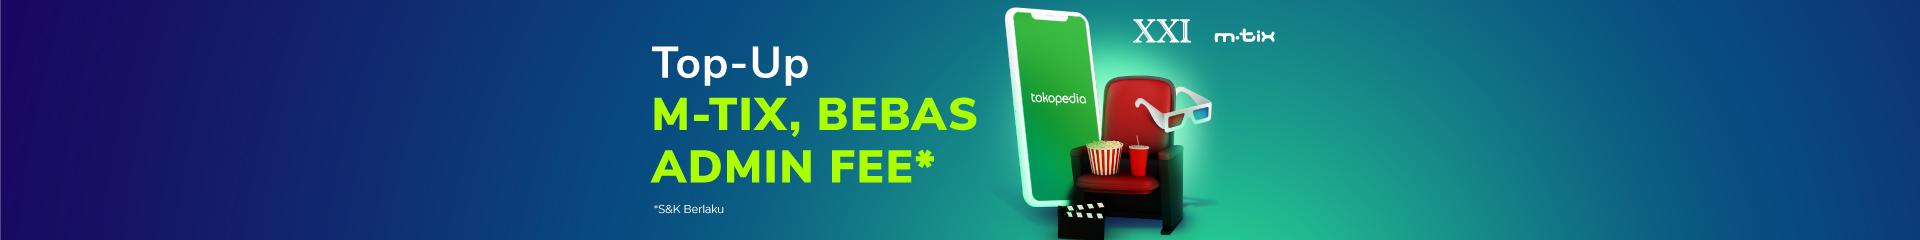 [NONTONYUK] Top Up M-Tix di Tokopedia, bebas biaya admin. Klik di sini.